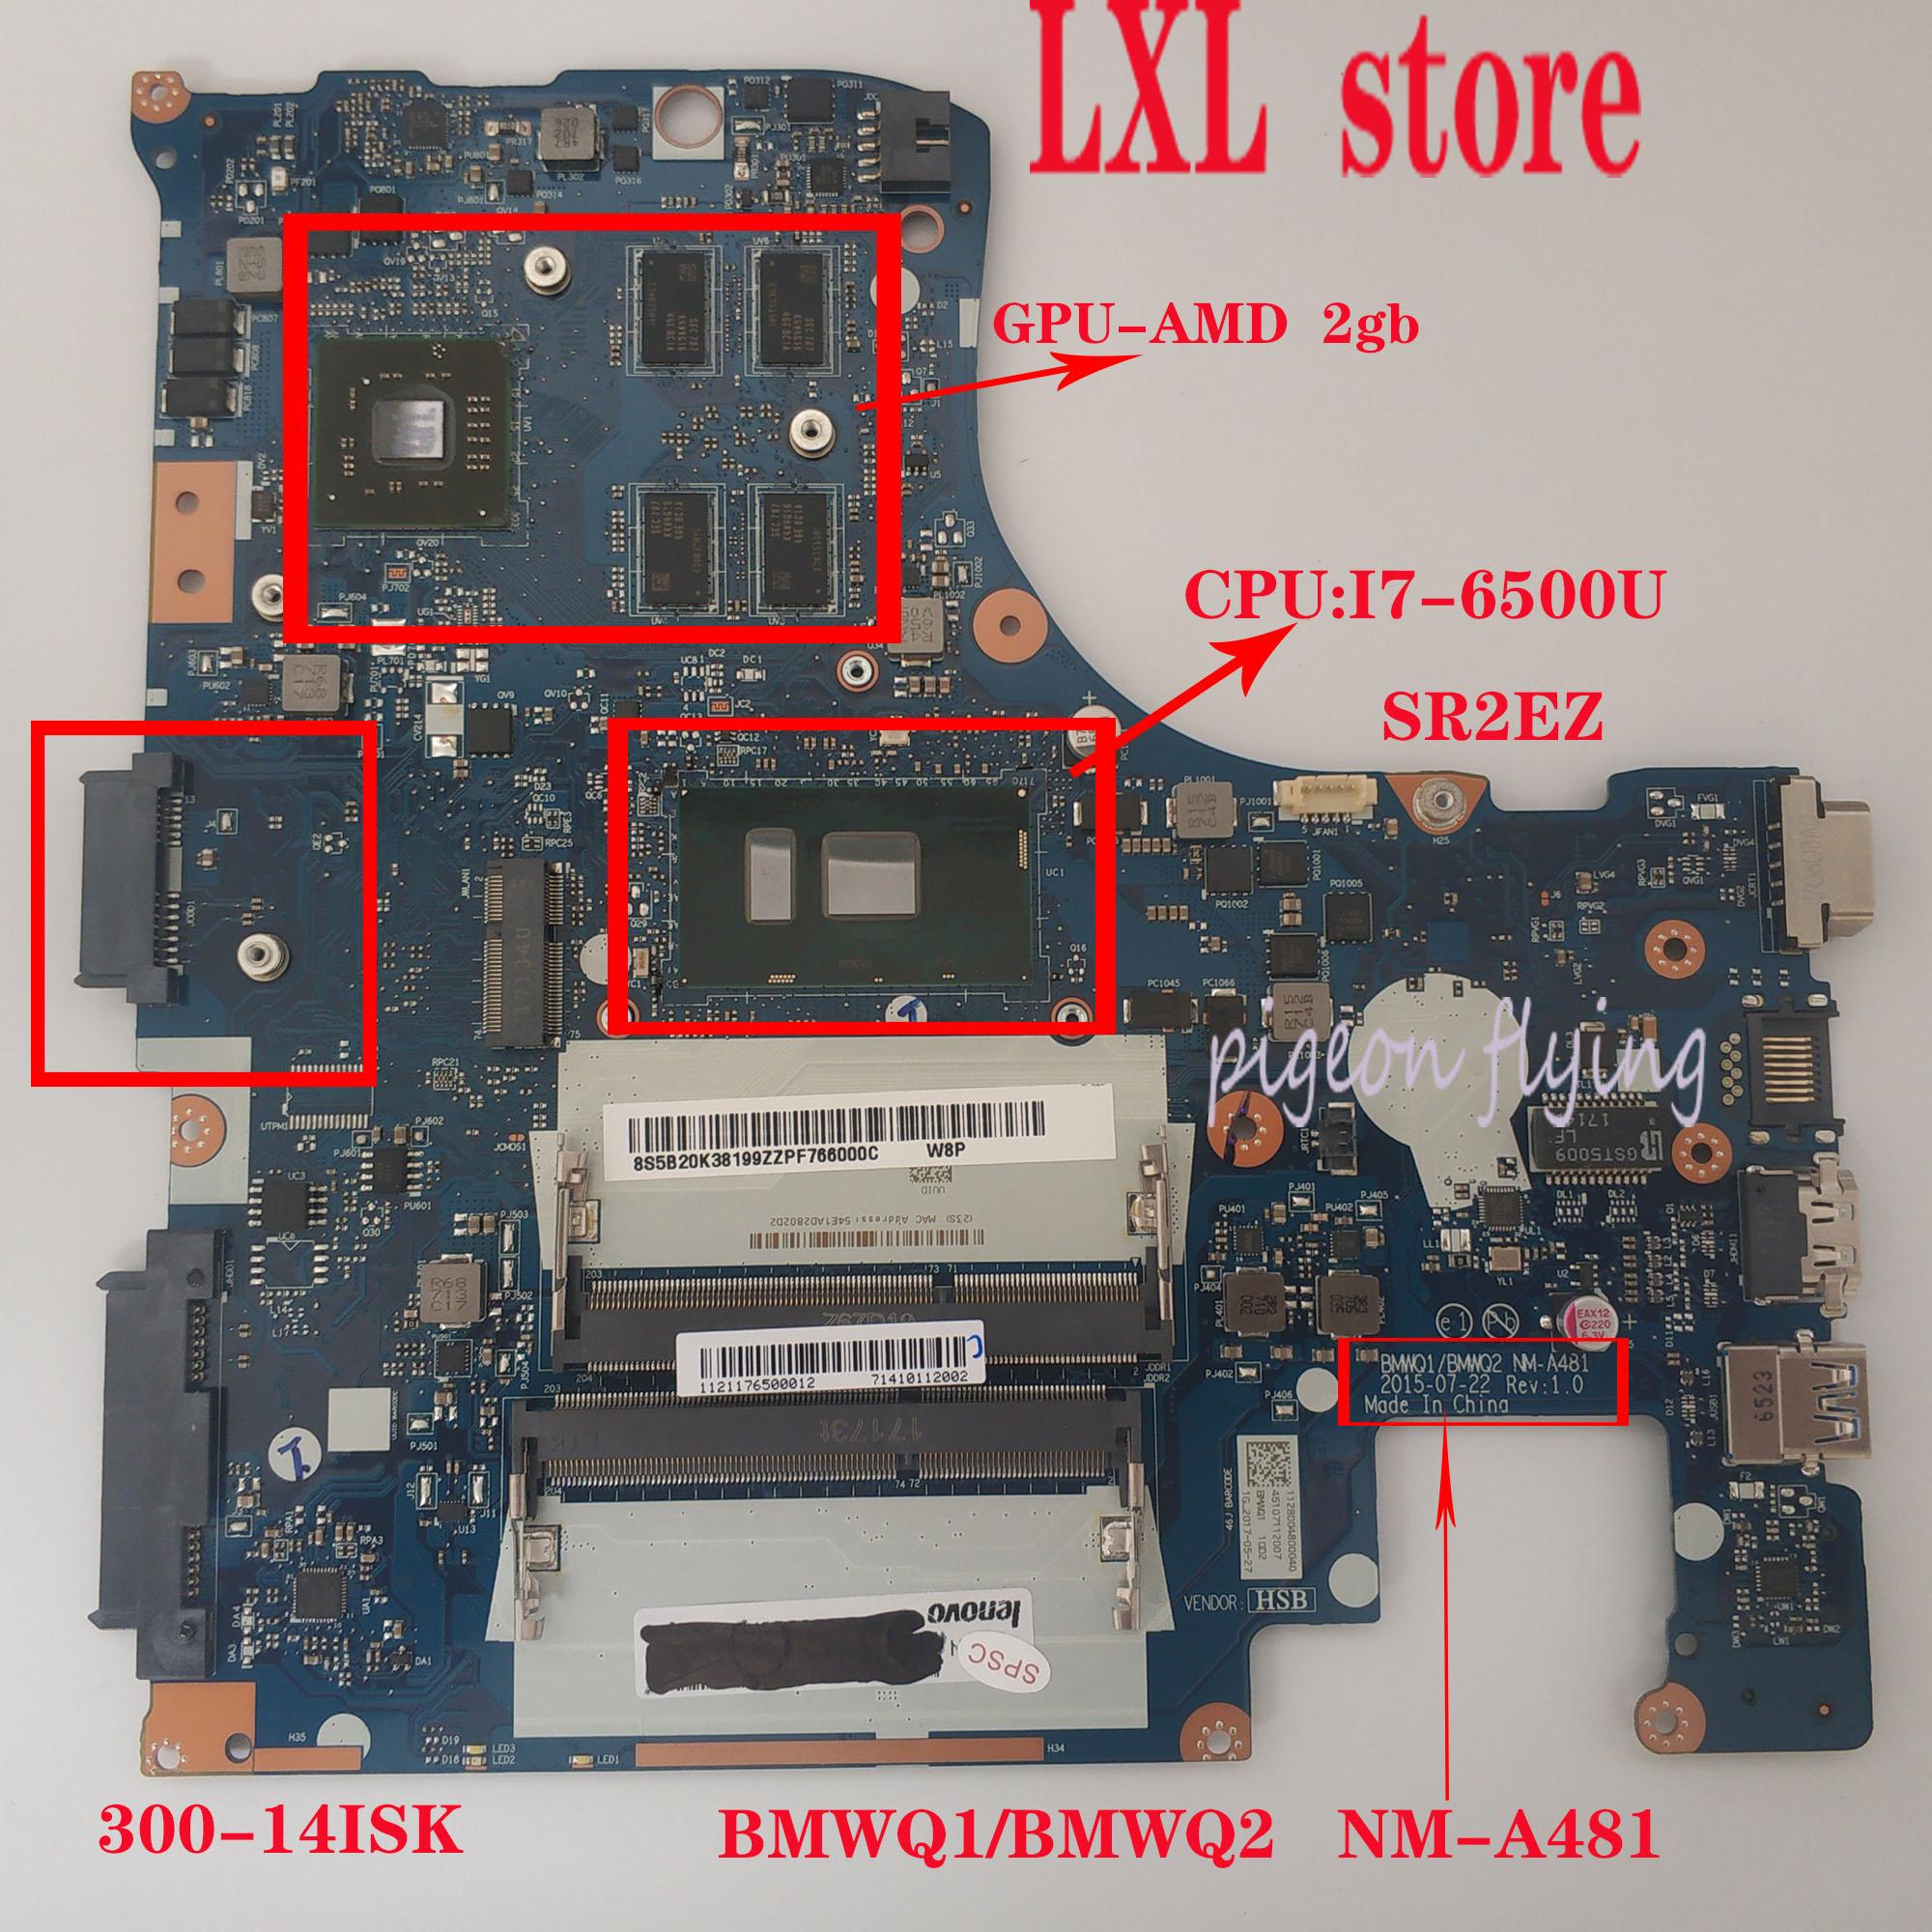 جديد NM-A481 ل 80Q6 lenovo ideapad 300-14ISK اللوحة المحمول وحدة المعالجة المركزية: I7-6500U GPU-AMD 2GB DDR3 FRU 5B20K38199 100% اختبار